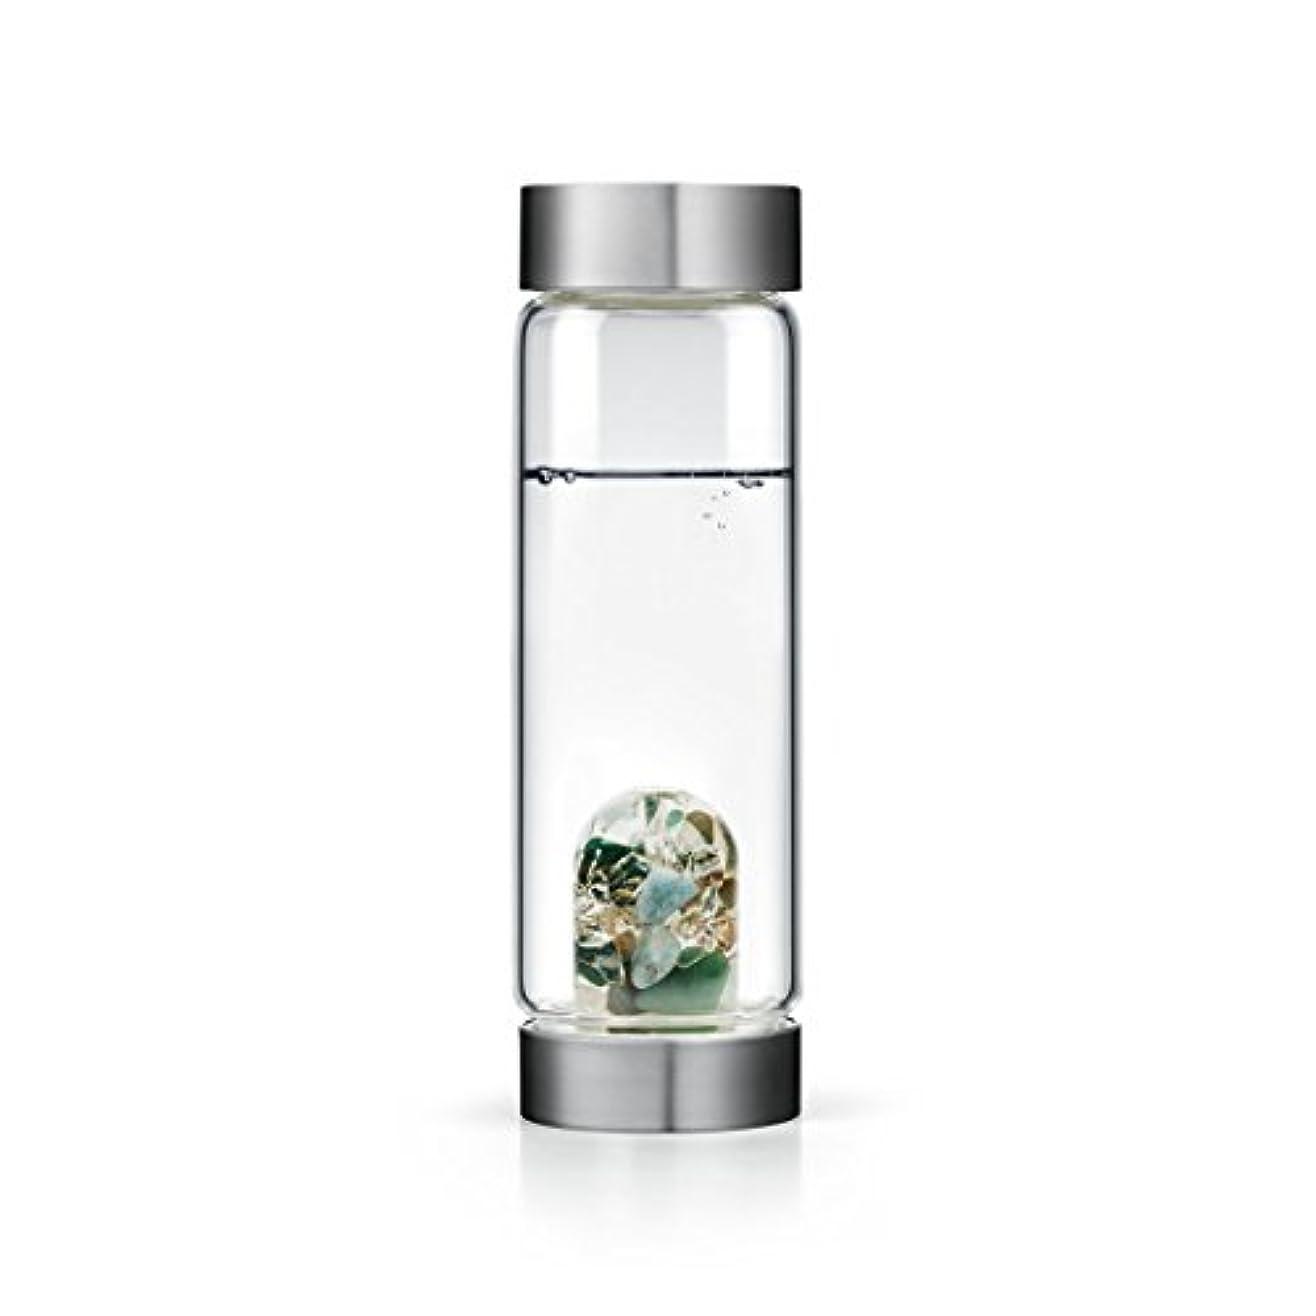 講師トラップ境界Forever Young gem-waterボトルby VitaJuwel W / Freeカリフォルニアホワイトセージバンドル 16.9 fl oz